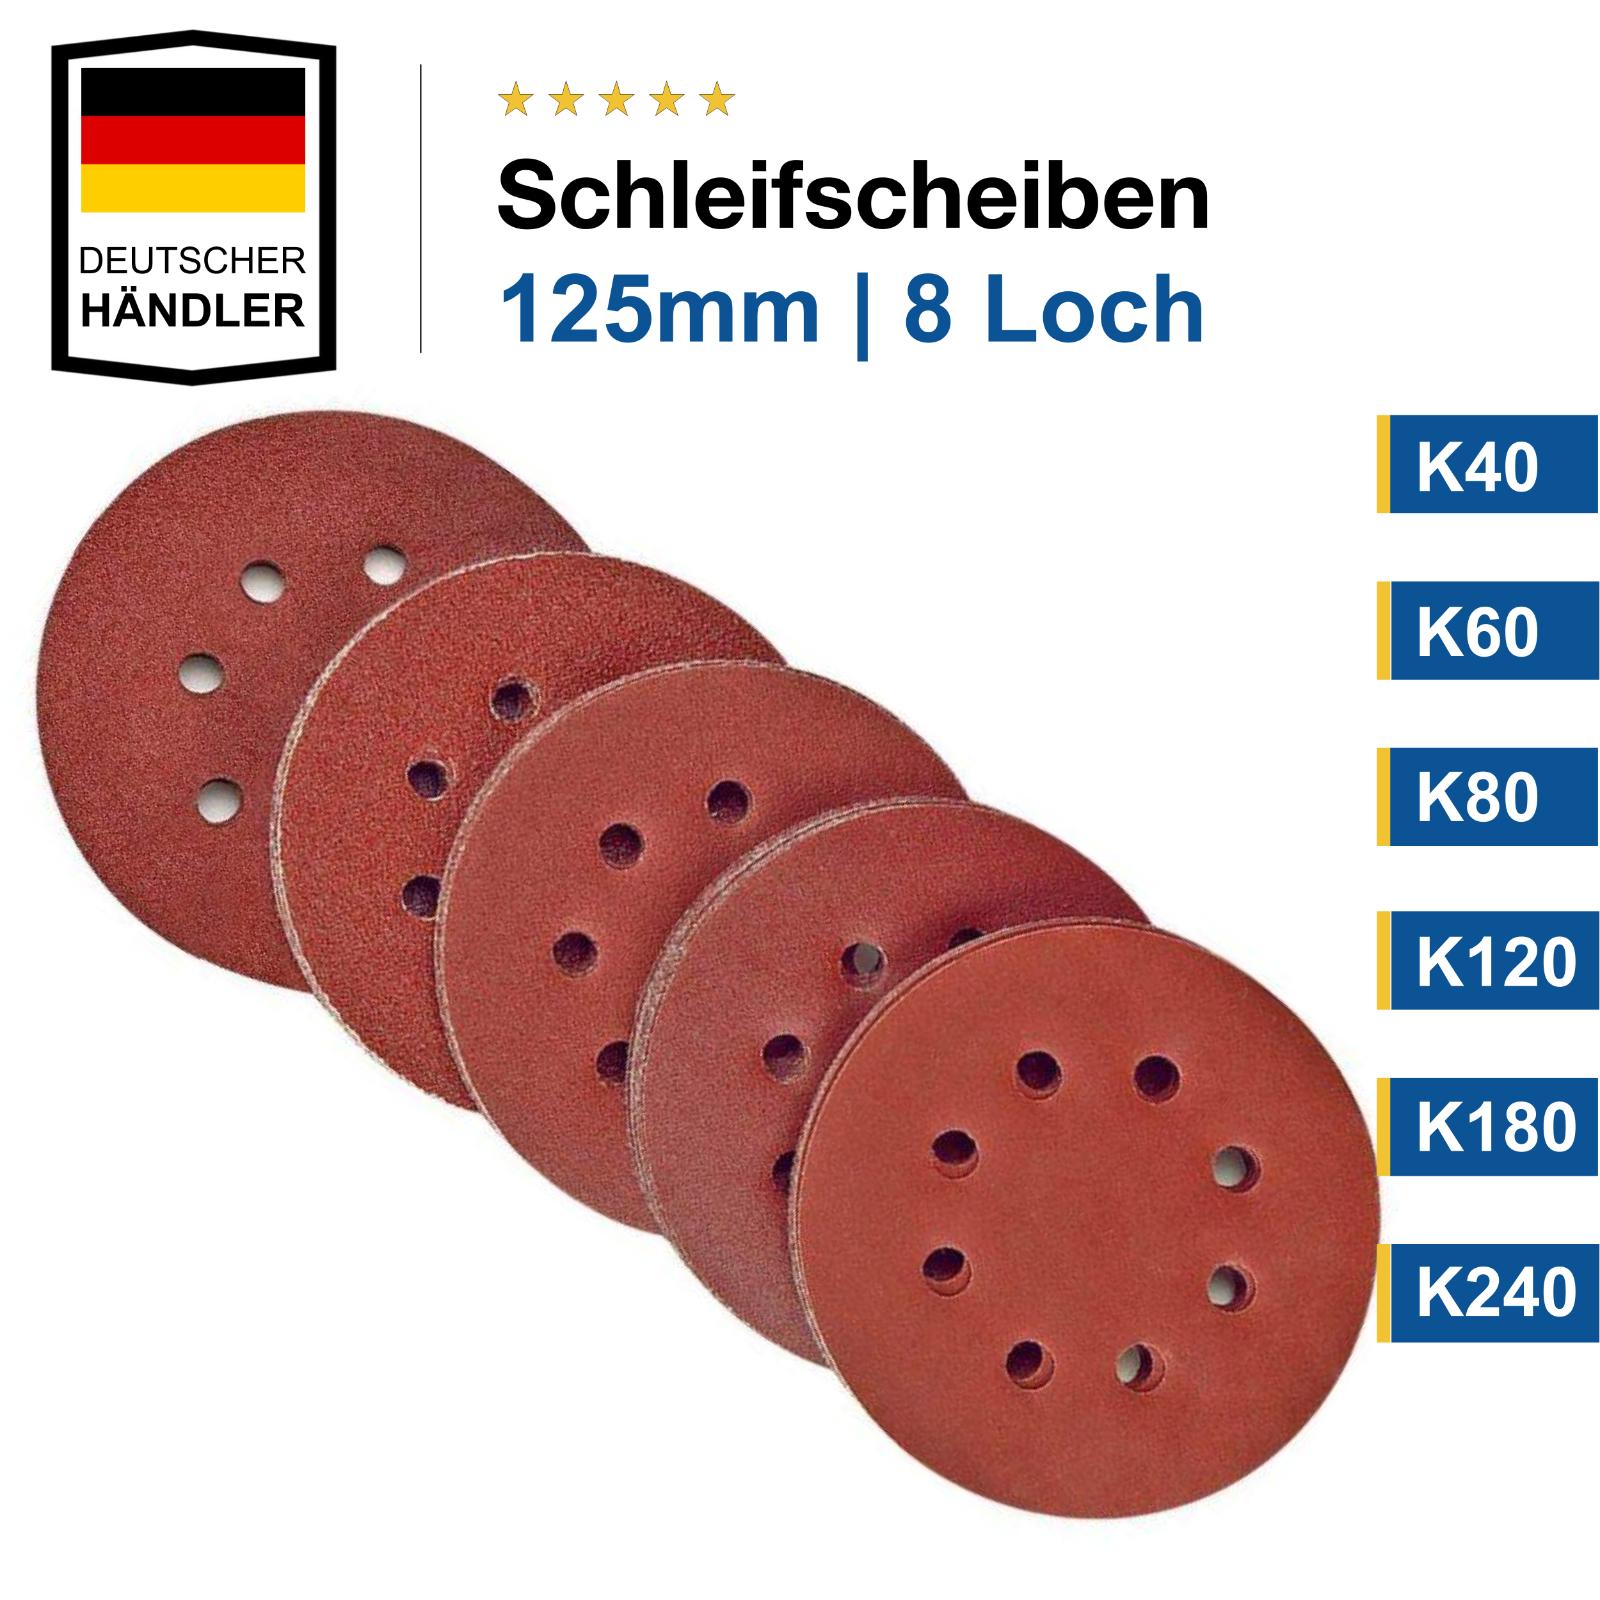 125mm 8 Loch Schleifscheiben Set Klett Schleifpapier Schleifblätter Exzenter